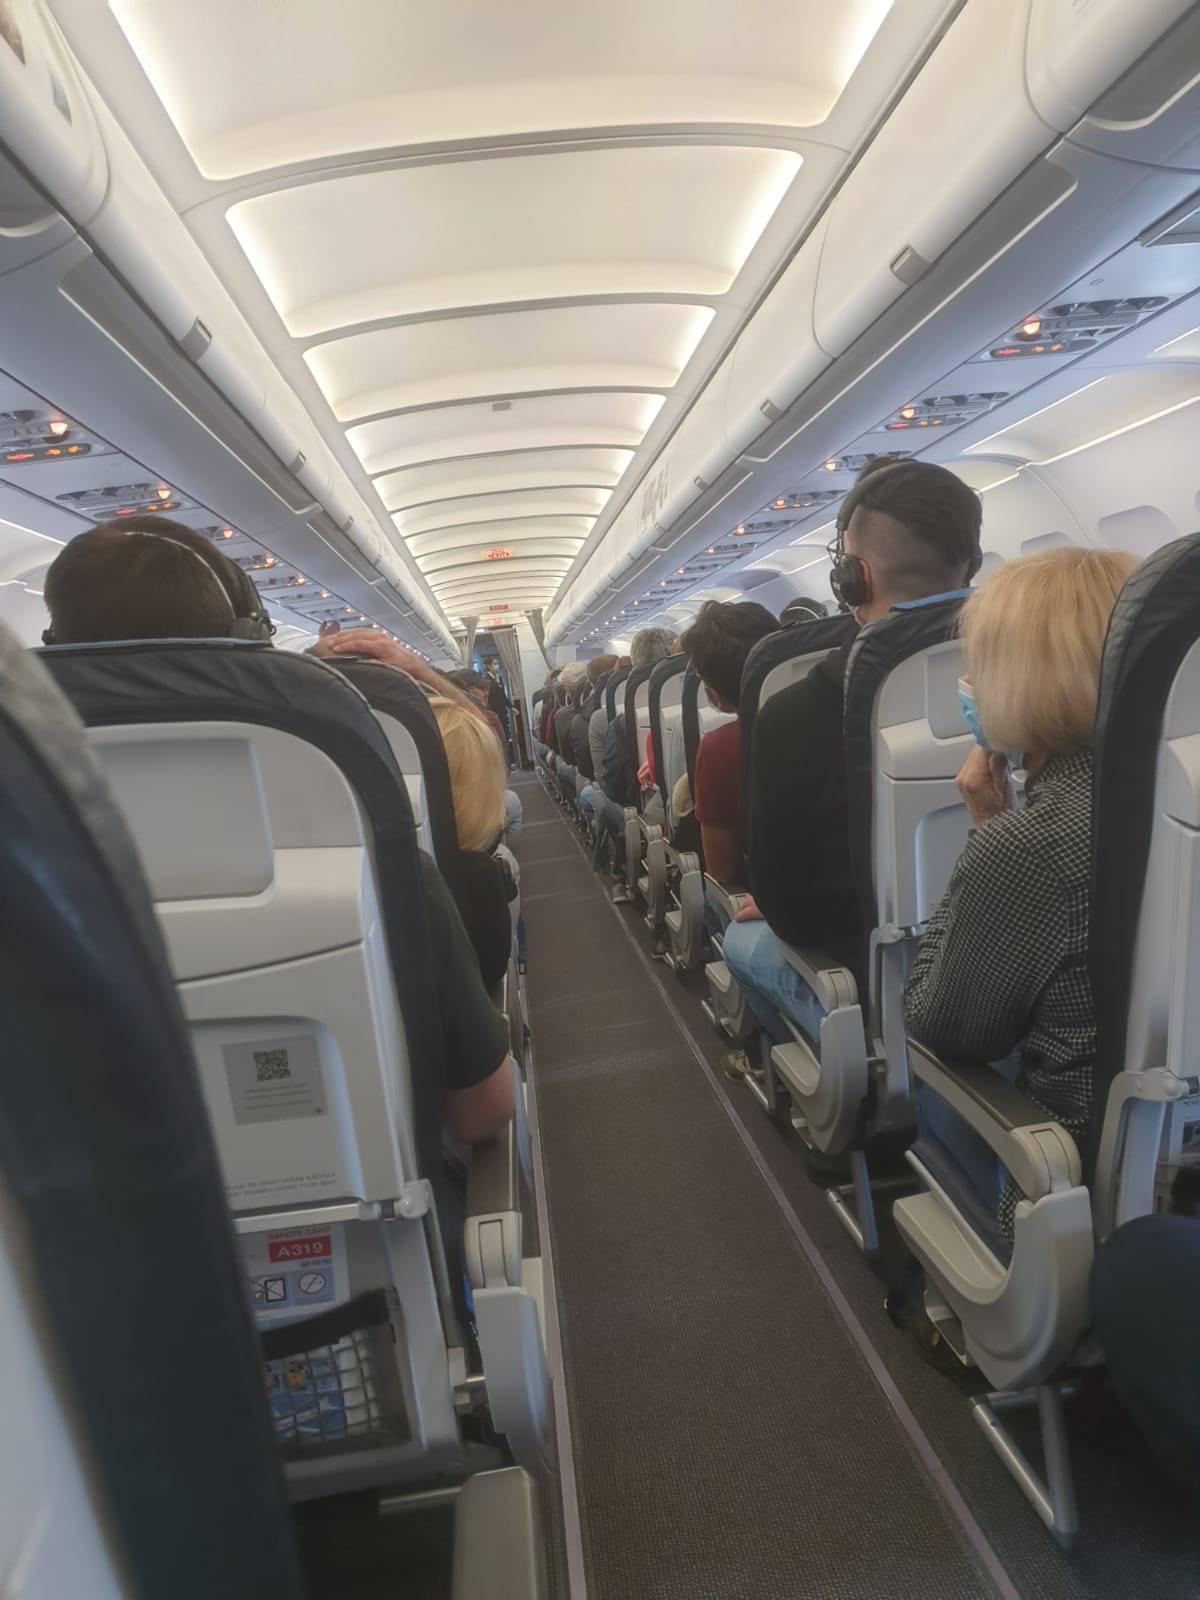 Putnik 'korona-aviona': 'Bila je gužva, sjeo sam u zadnji red...'